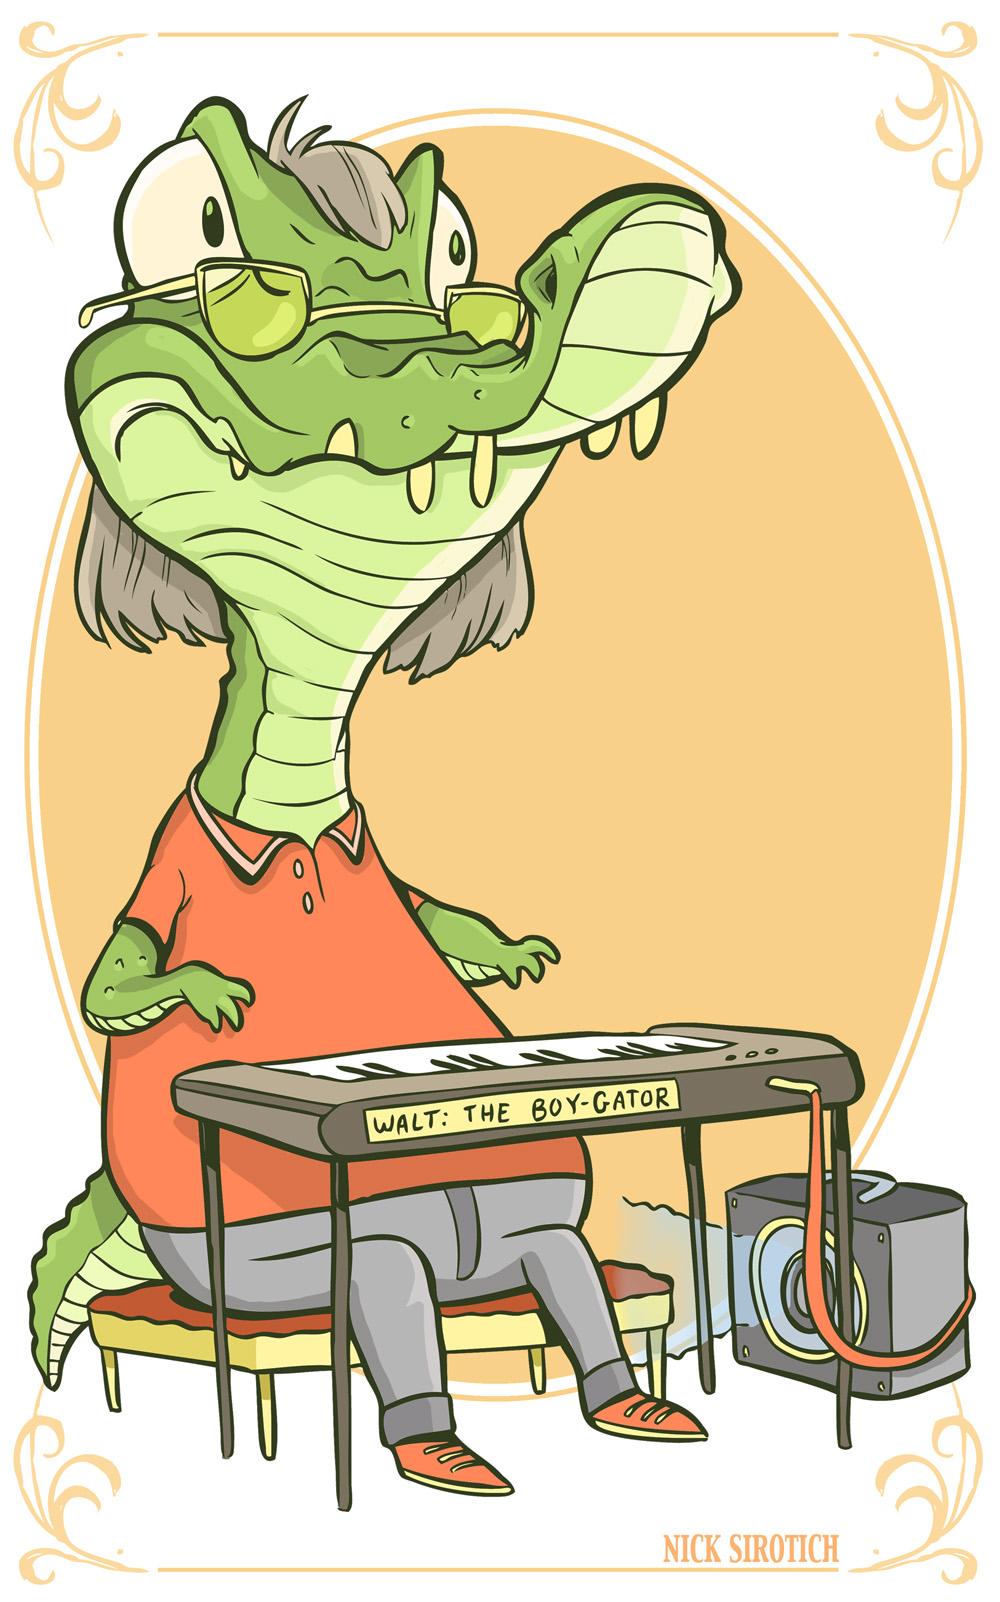 Nick sirotich illustration  1